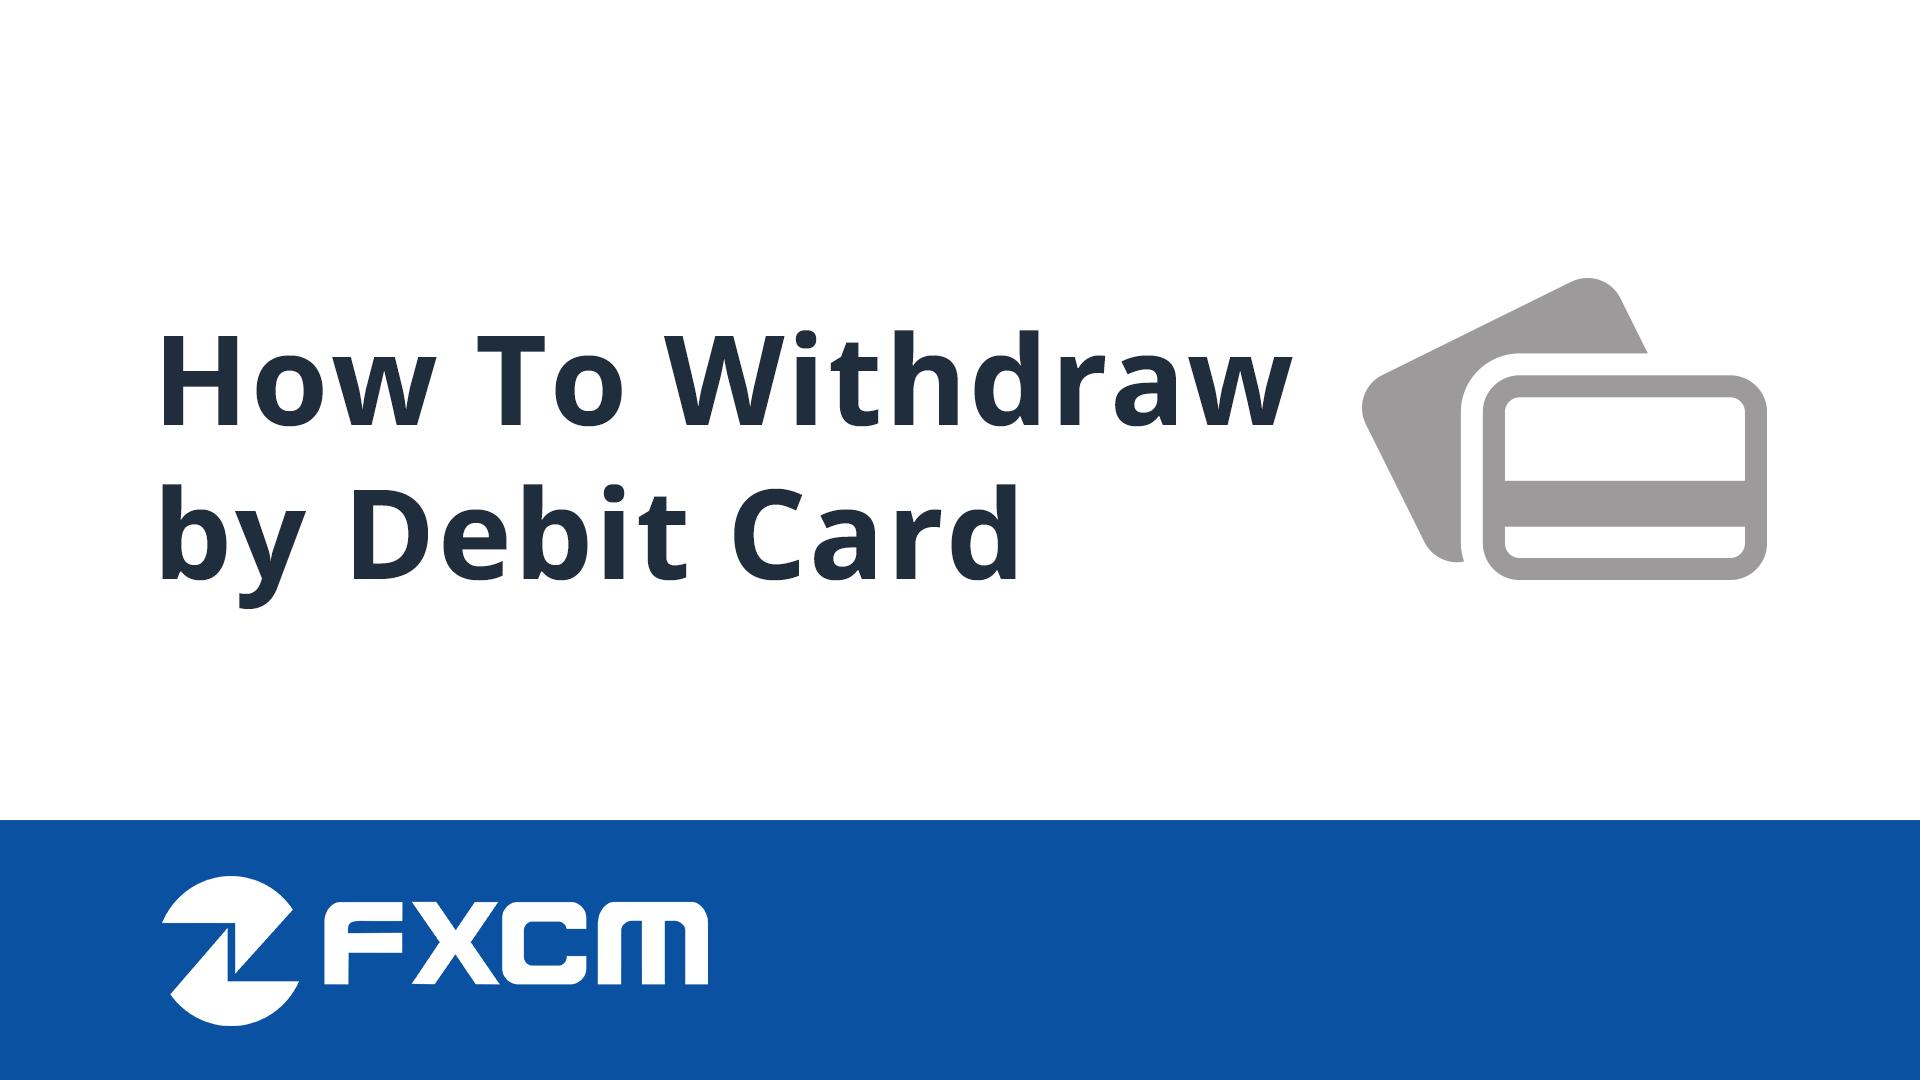 Withdraw by Debit Card